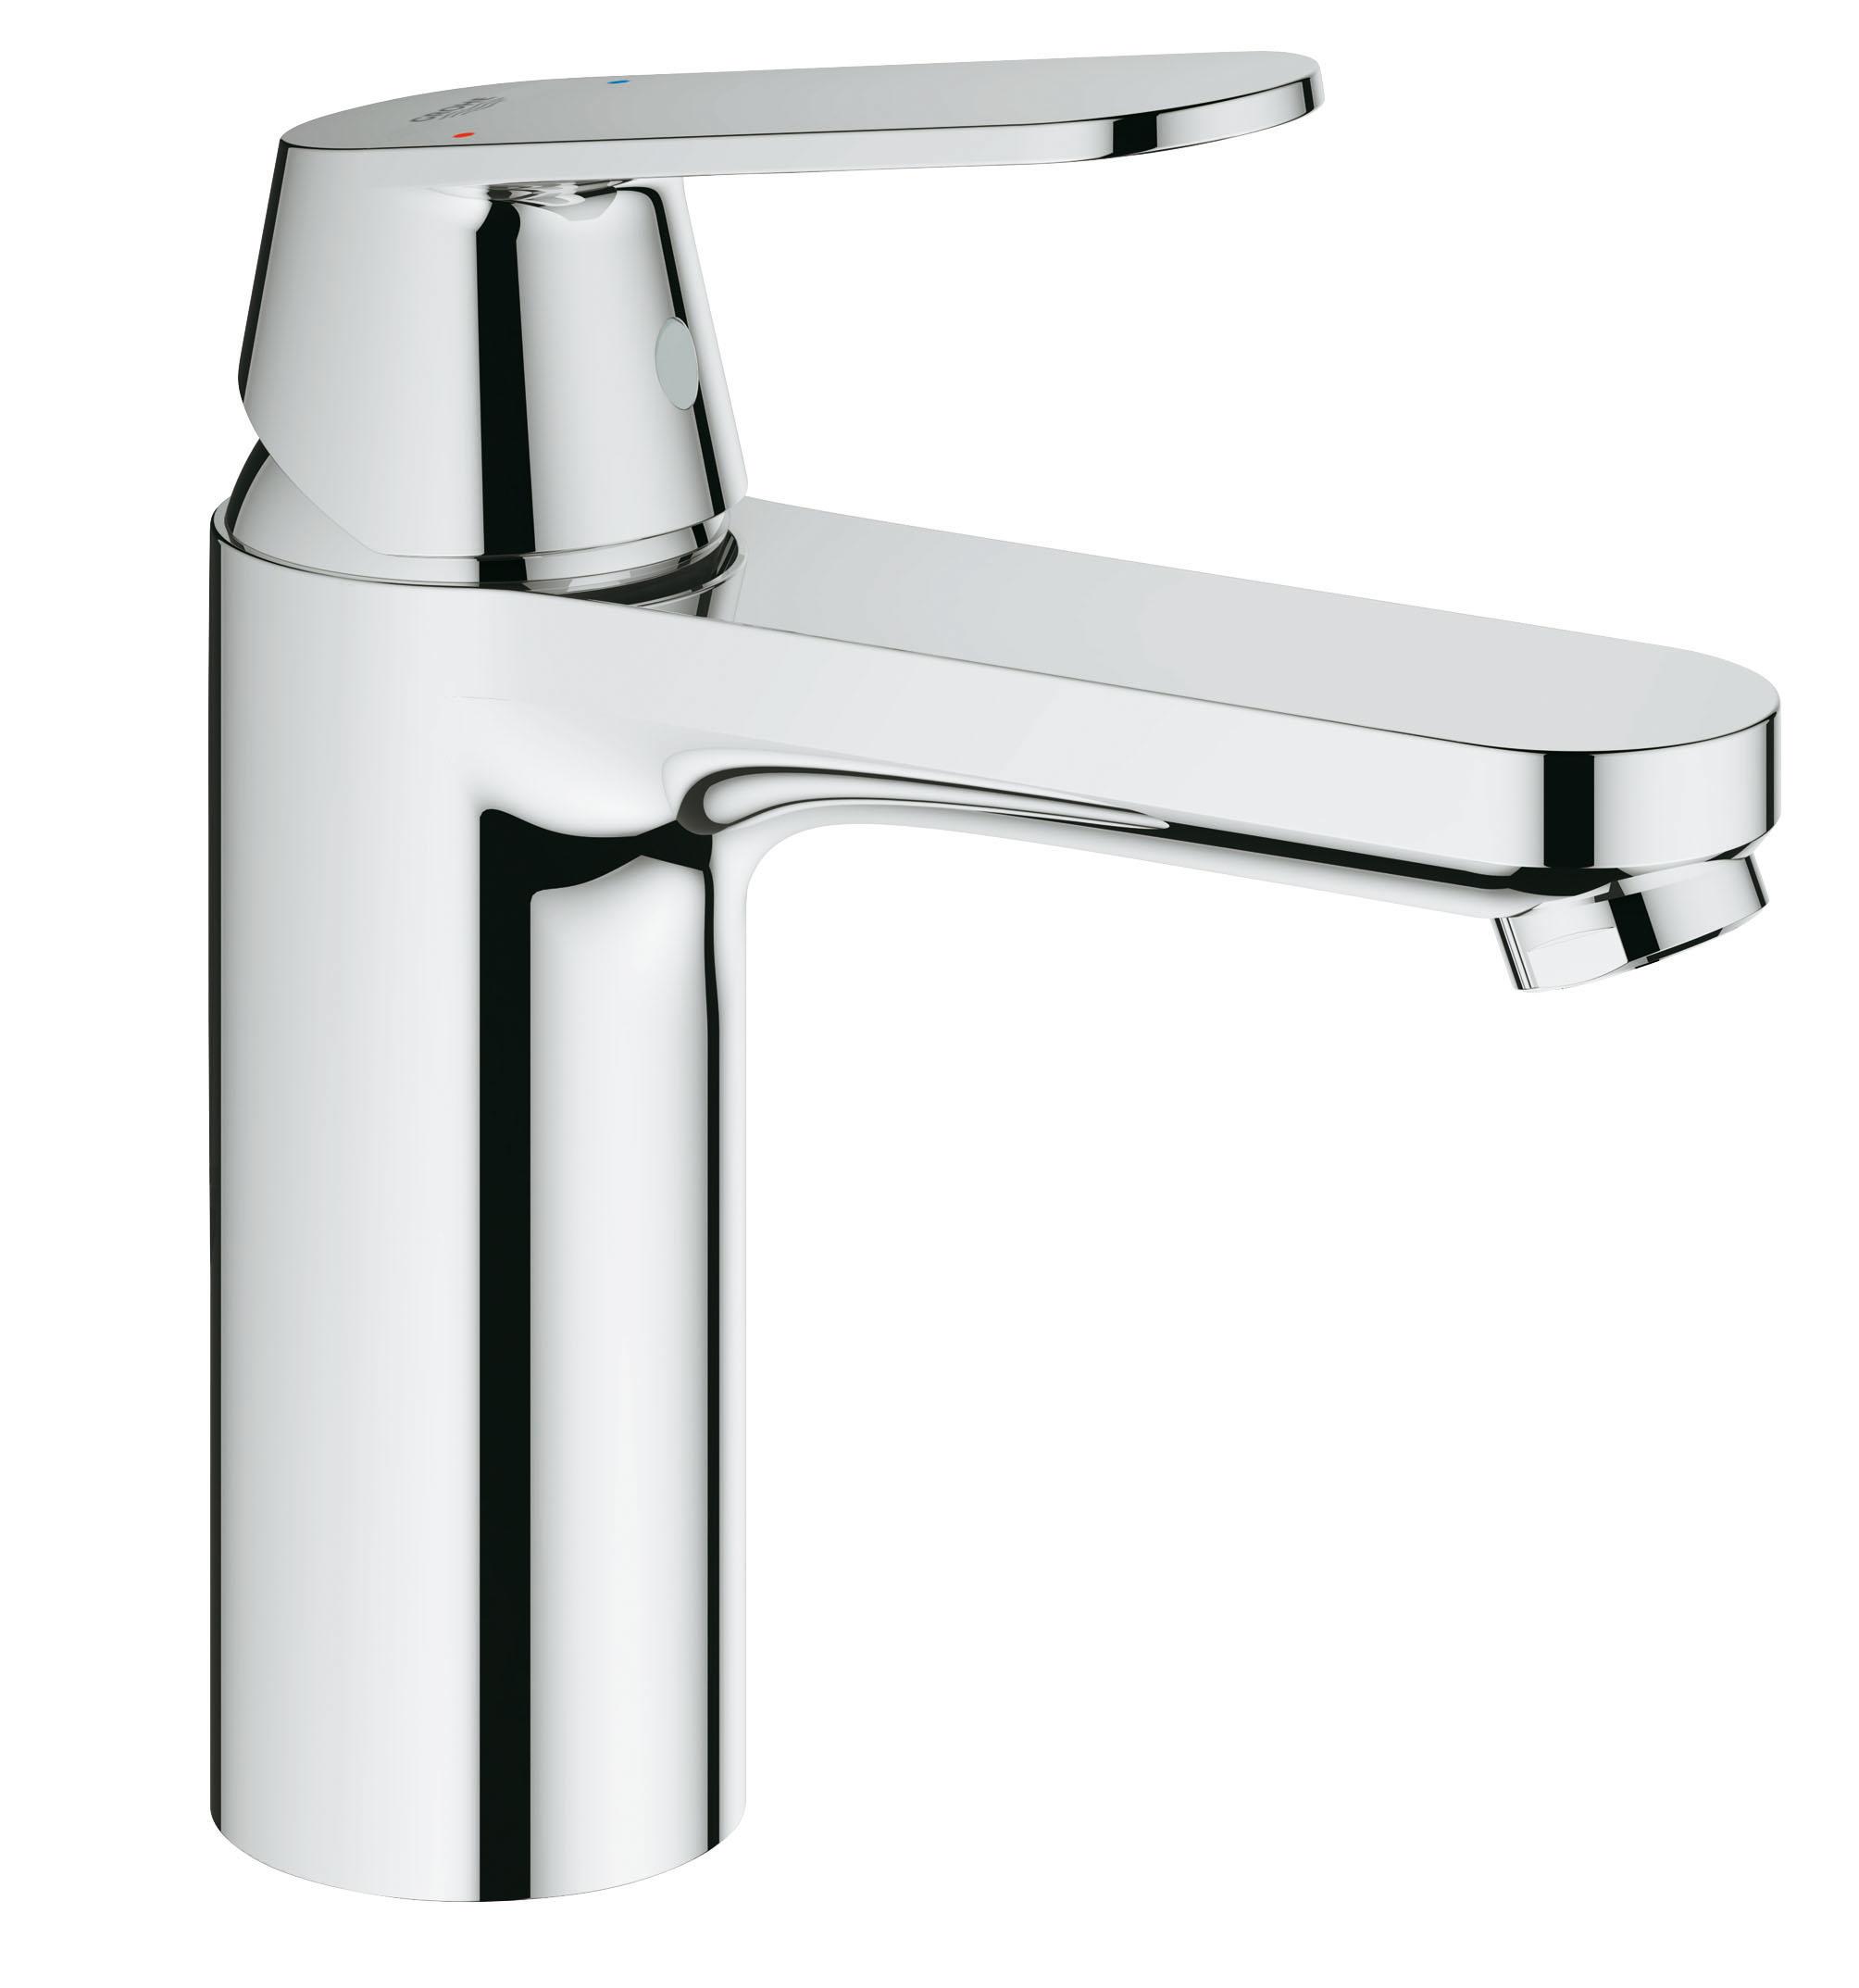 Смеситель для раковины GROHE Eurosmart Cosmopolitan (23327000)23327000Смеситель для ванной комнаты GROHE Eurosmart Cosmopolitan наделен всеми преимуществами современного сантехнического оборудования. Во-первых, это экономичность: в нем применяется технология GROHE EcoJoy, позволяющая сократить расход воды почти вдвое. Во-вторых, это неприхотливость в уходе: для поддержания сияющего блеска хромированной поверхности достаточно протирать ее тканью. В-третьих, это долговечность: проверенное временем качество GROHE проявляется, в частности, в том, что чрезвычайно плавный ход рычага сохраняется даже после многолетней эксплуатации. Оцените на собственном опыте изящество и комфортность смесителя для ванной комнаты Eurosmart Cosmopolitan!Особенностимонтаж на одно отверстие средняя высота металлический рычаг GROHE SilkMove керамический картридж 35 мм GROHE StarLight хромированная поверхность регулировка расхода воды GROHE EcoJoy 5,7 л/мин гладкий корпус гибкая подводка GROHE QuickFix быстрая монтажная система дополнительный ограничитель температуры (46375000) Видео по установке является исключительно информационным. Установка должна проводиться профессионалами!